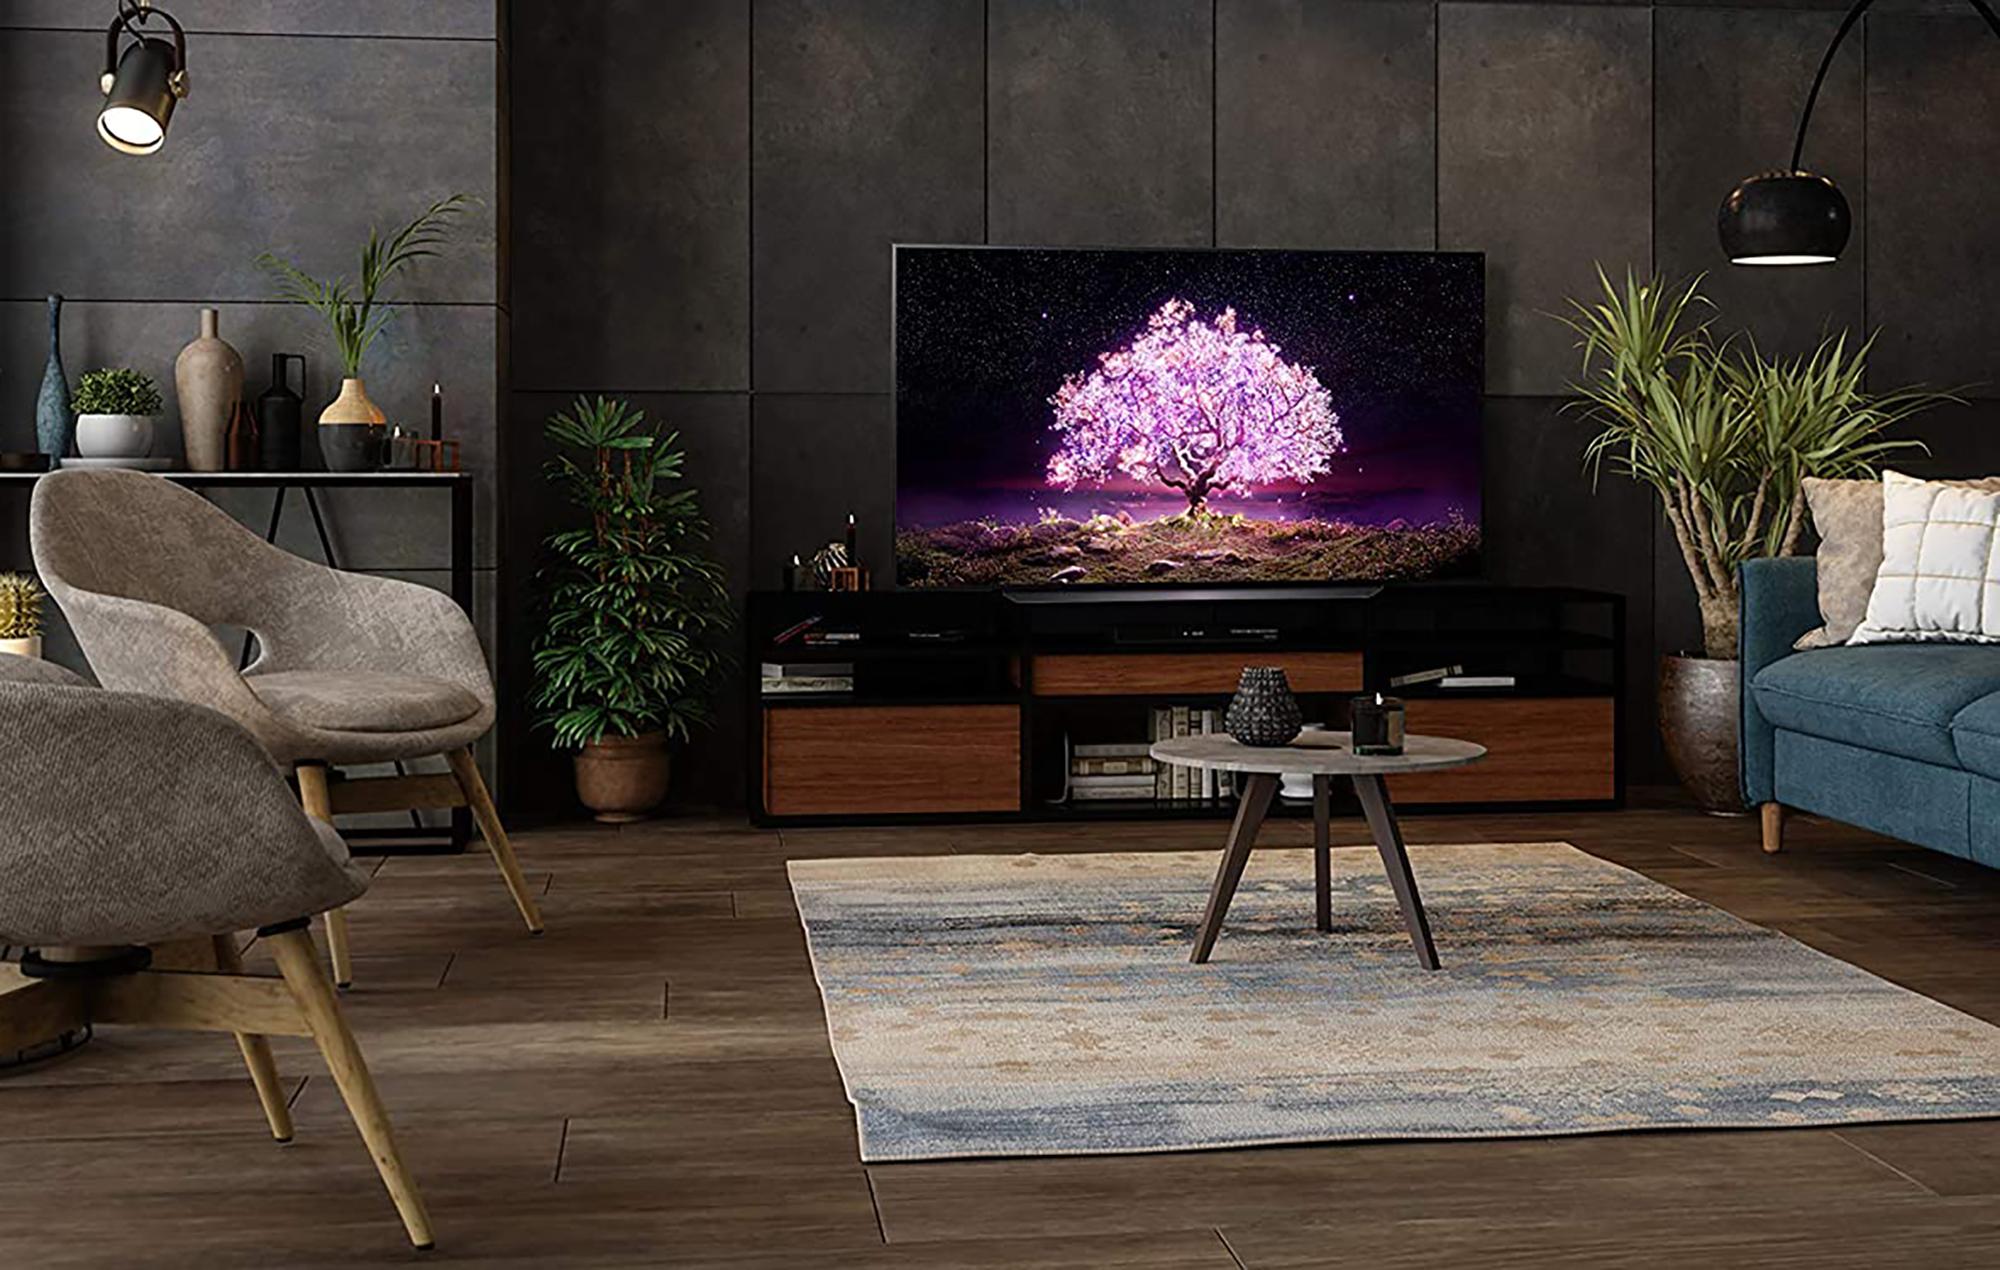 LG OLED 55 inch TV lifestyle